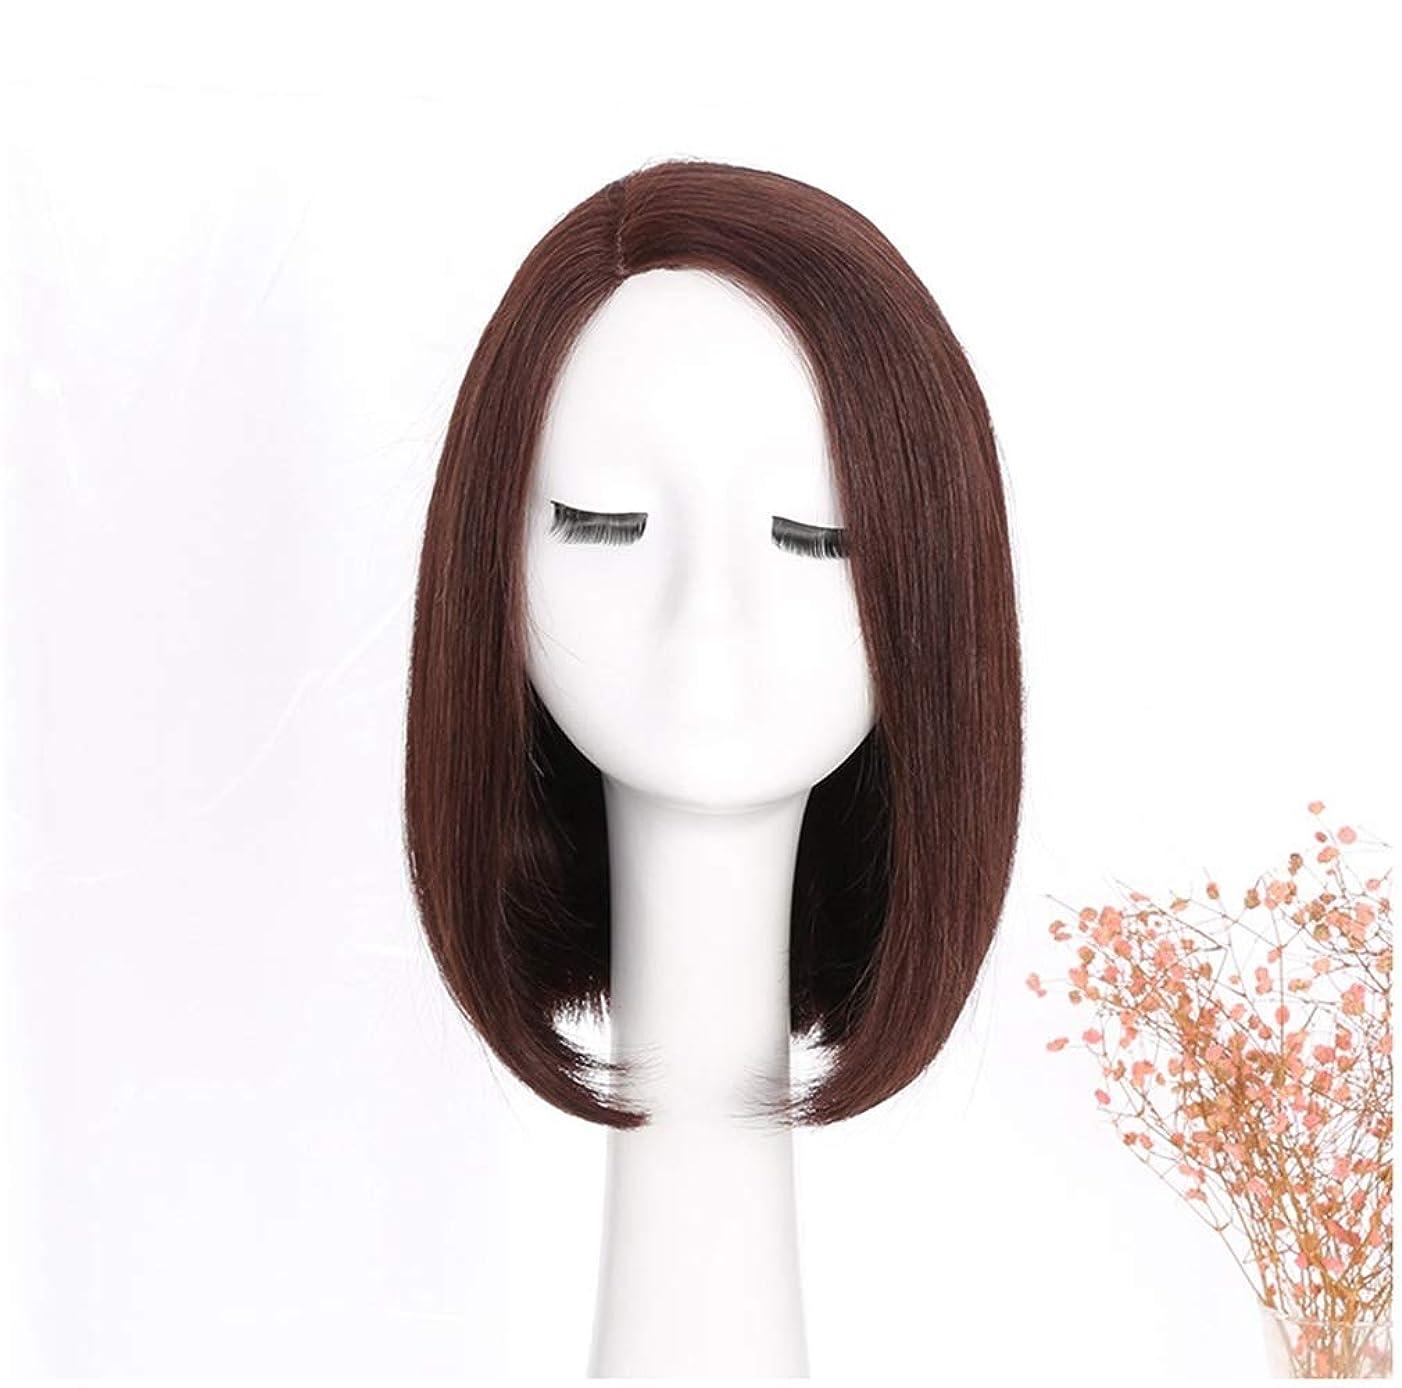 横向き水没ピルファーBOBIDYEE 女性の短い髪ボブ梨ヘッド本物の髪のかつら肩ストレートヘアリアルなかつらファッションかつら (色 : Dark brown)